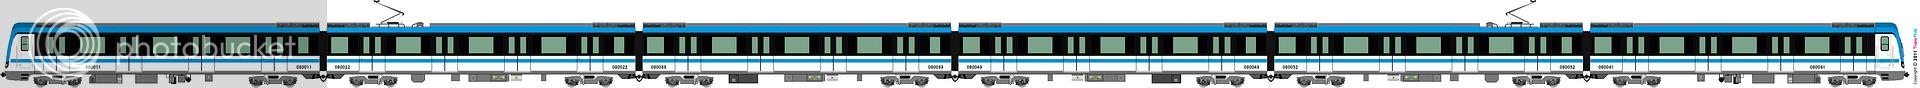 [5239] 上海申通地鉄 2239